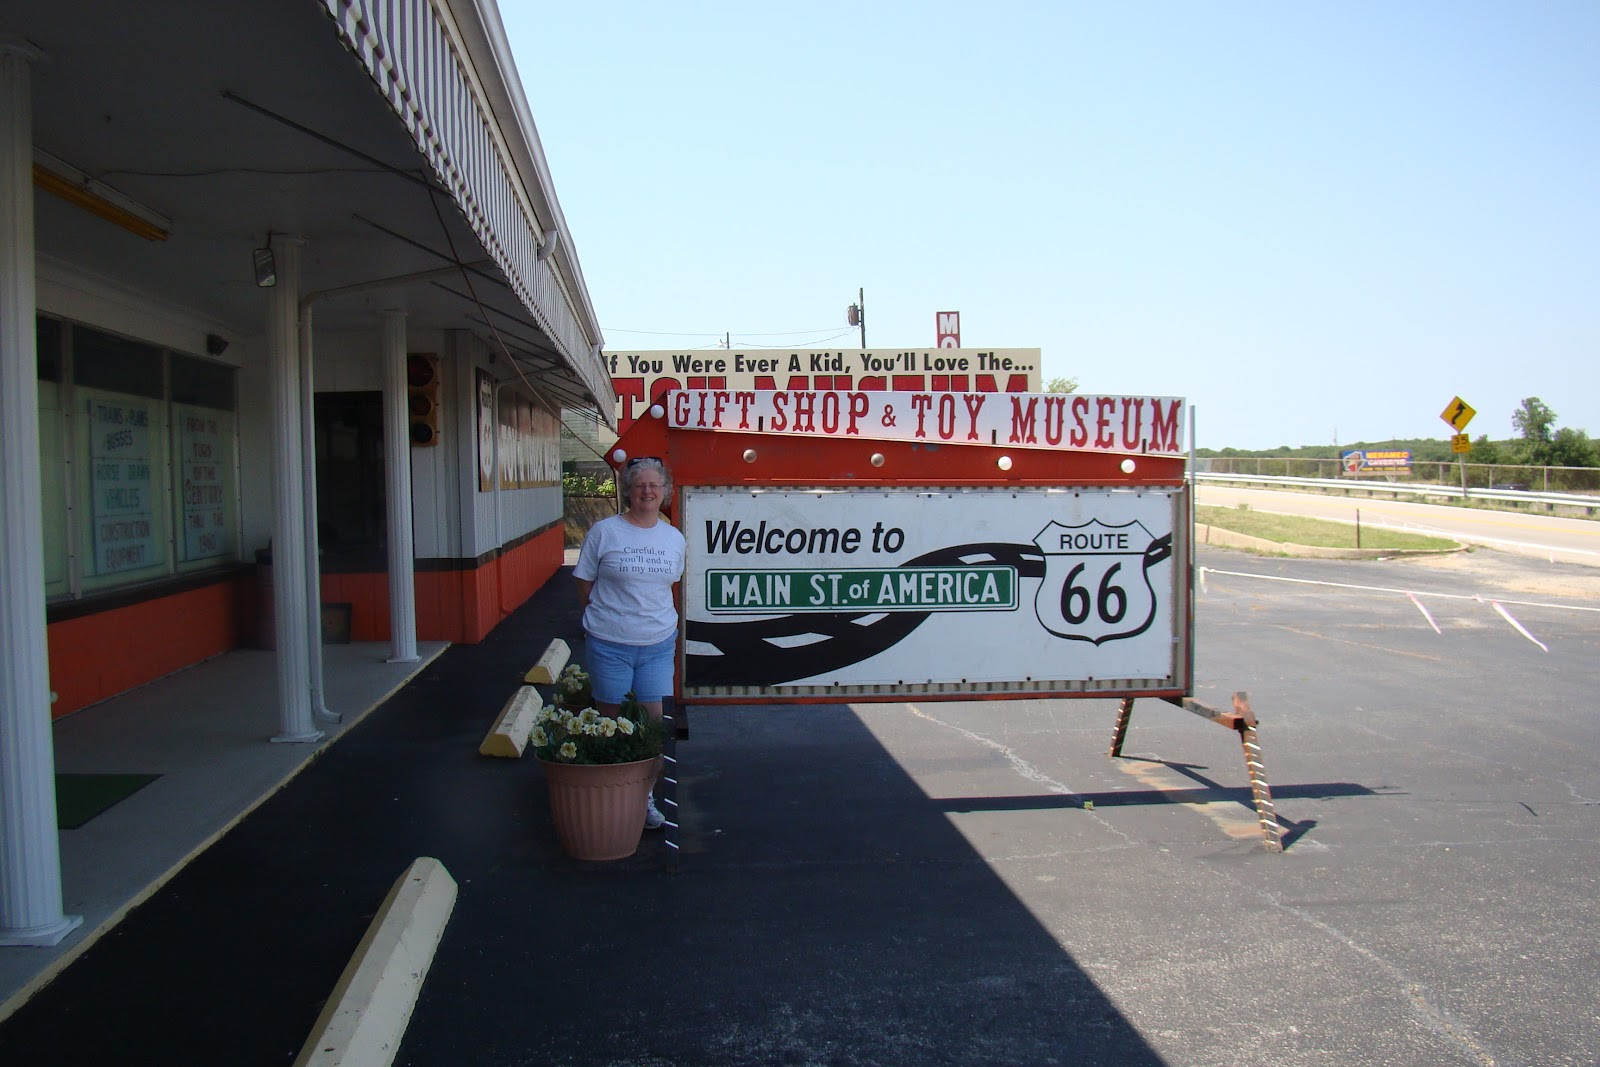 Waffle House Beside Dinosaur Golf Myrtle Beach Sc